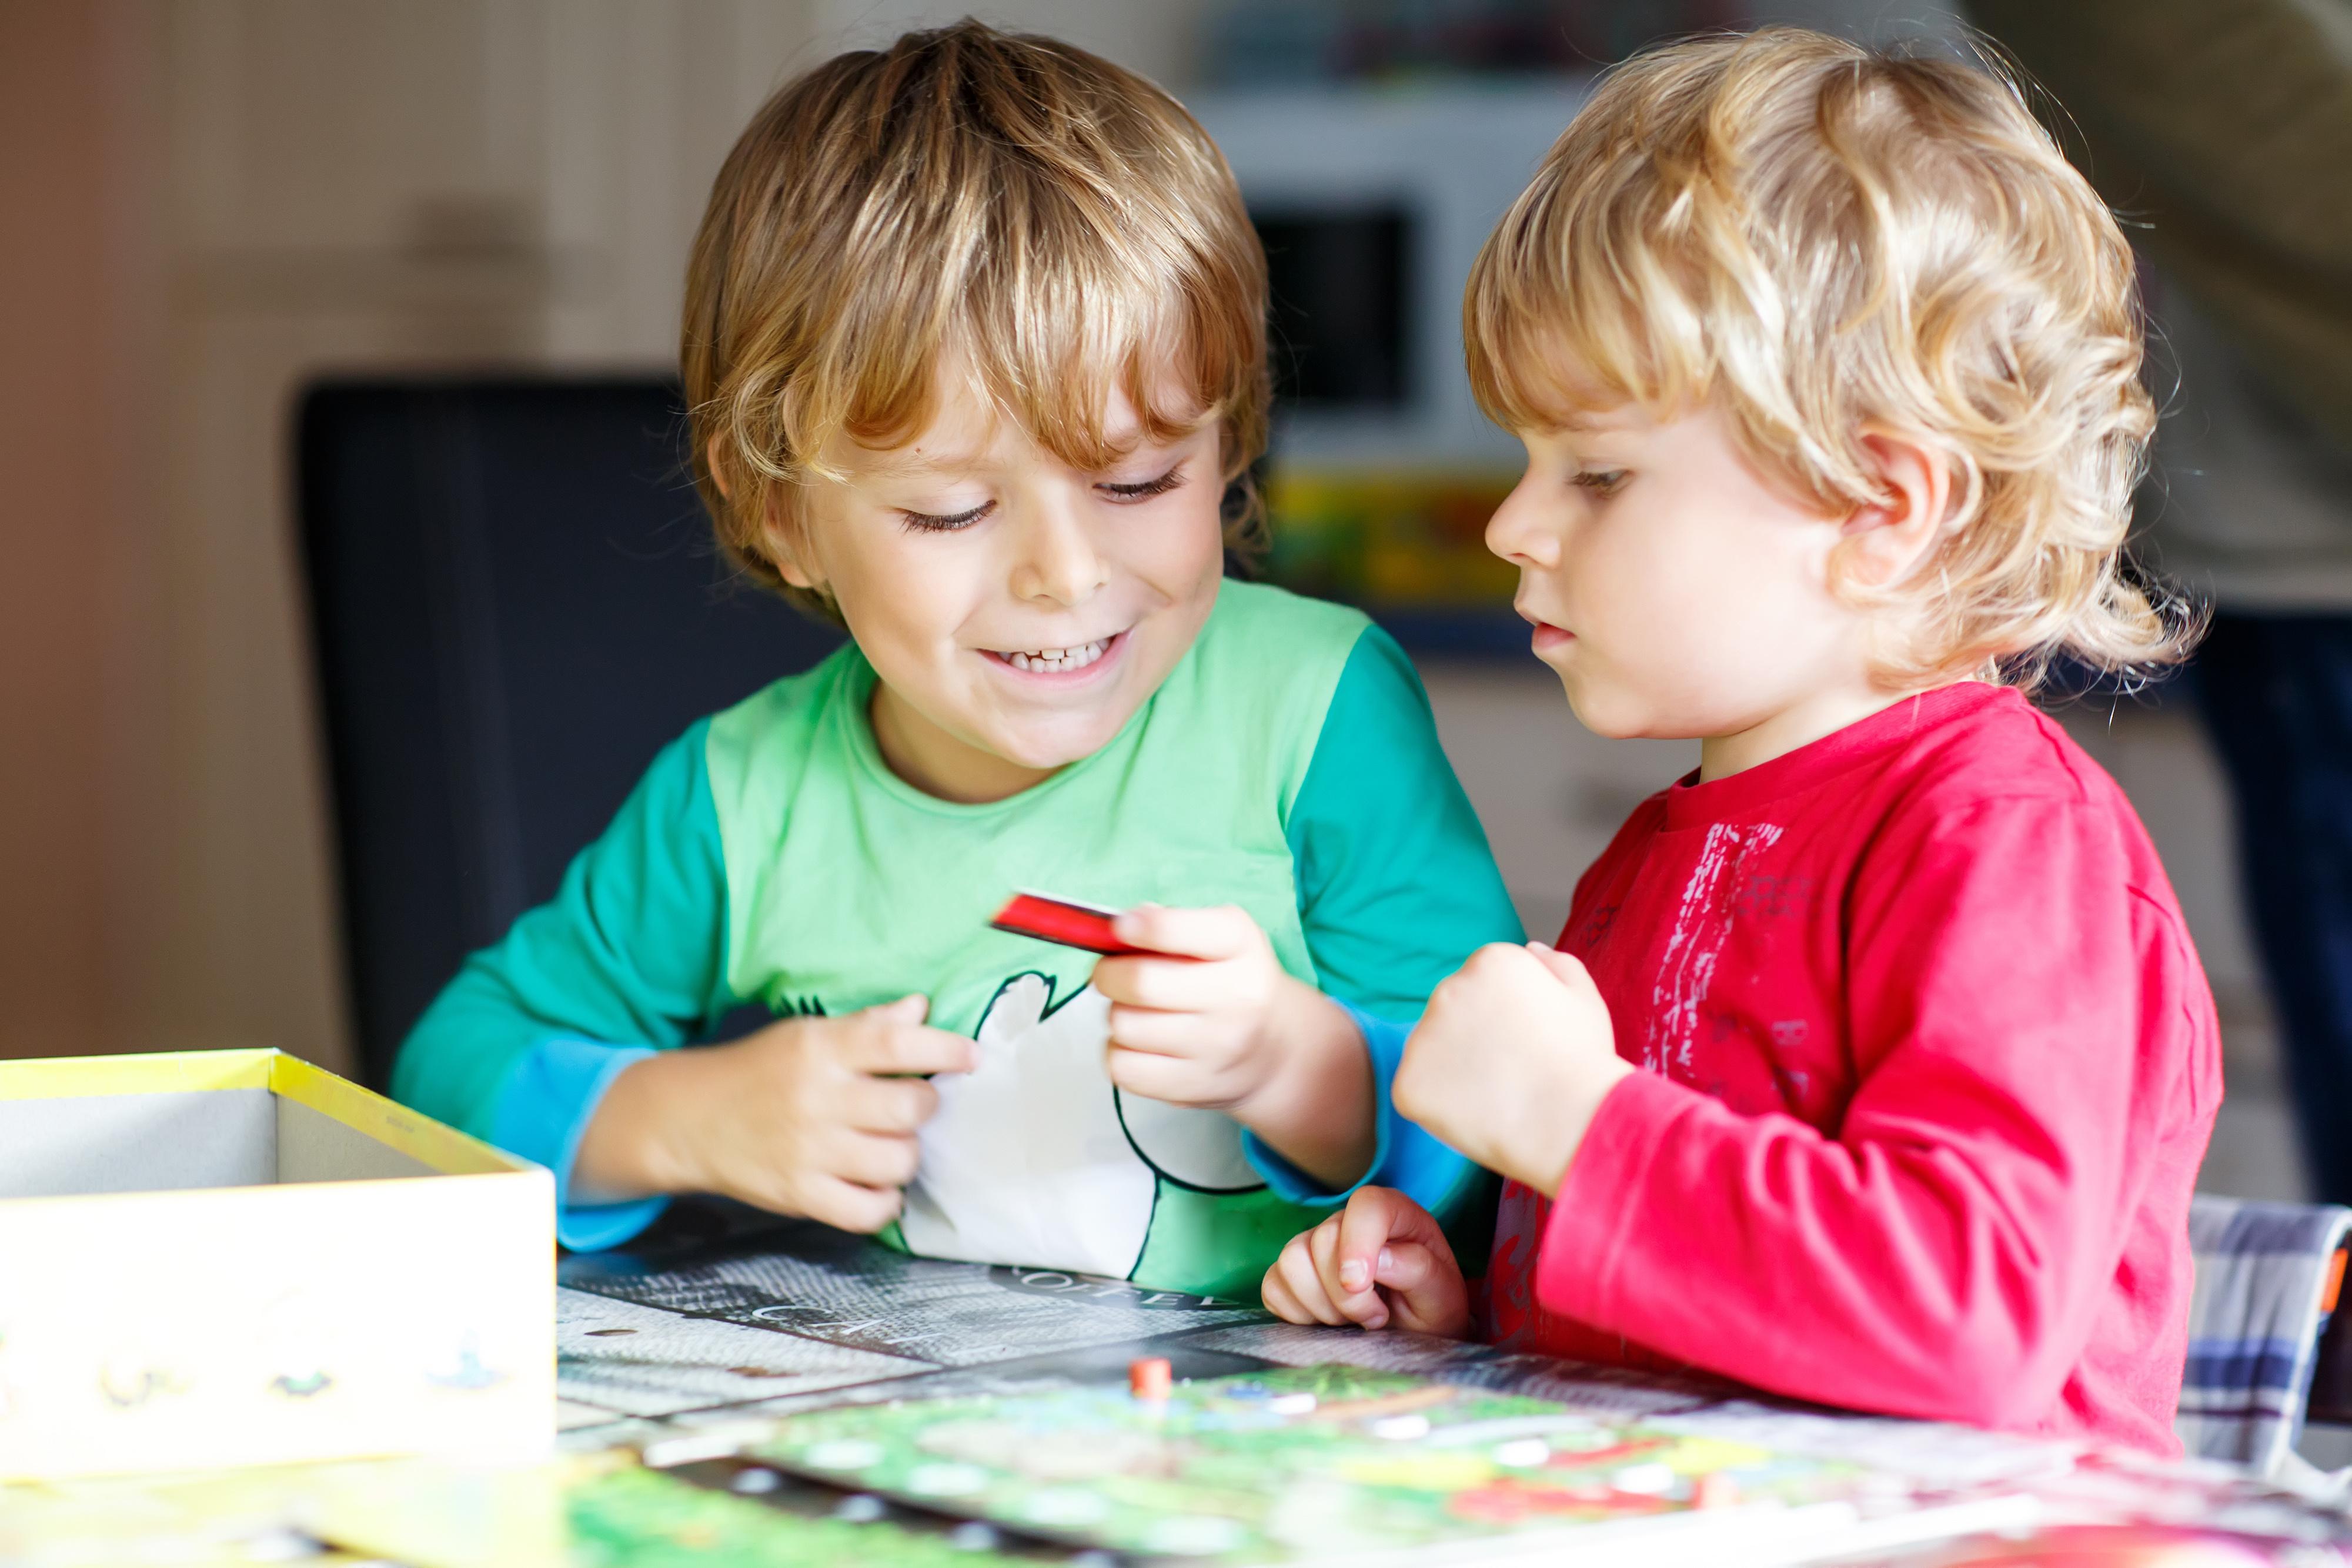 Geschwister spielen Brettspiel